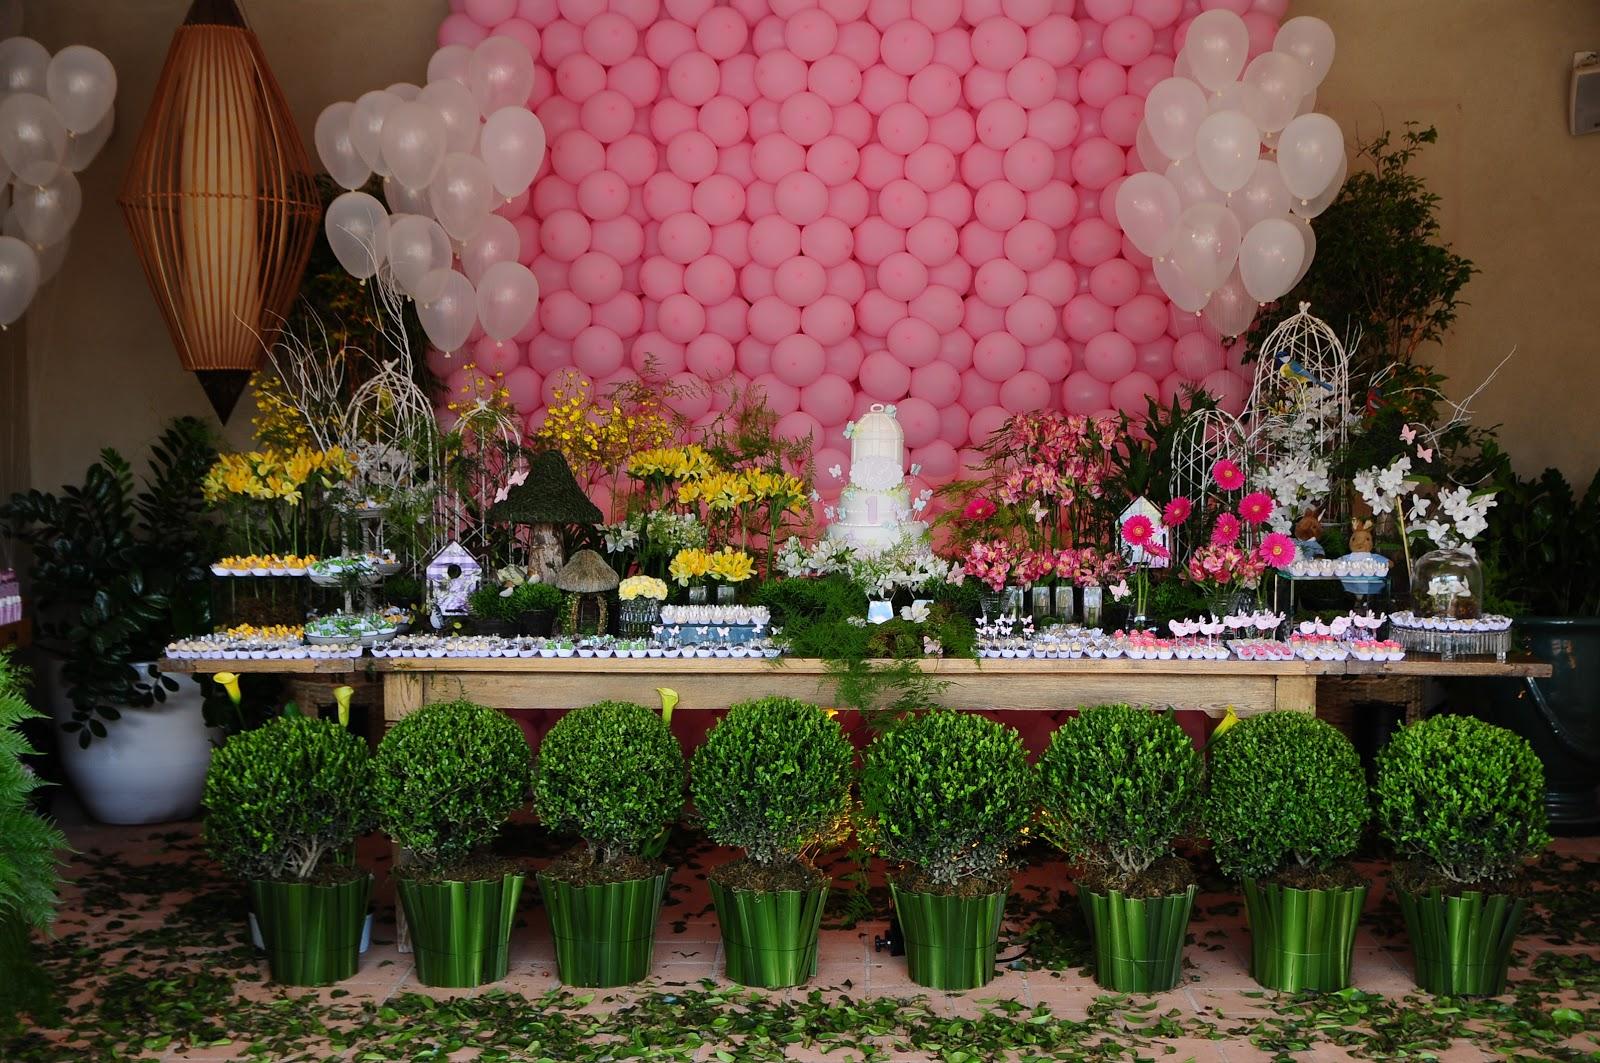 fotos de aniversario tema jardim encantado:Cotidiano Materno: Tema de Aniversário Jardim Encantado